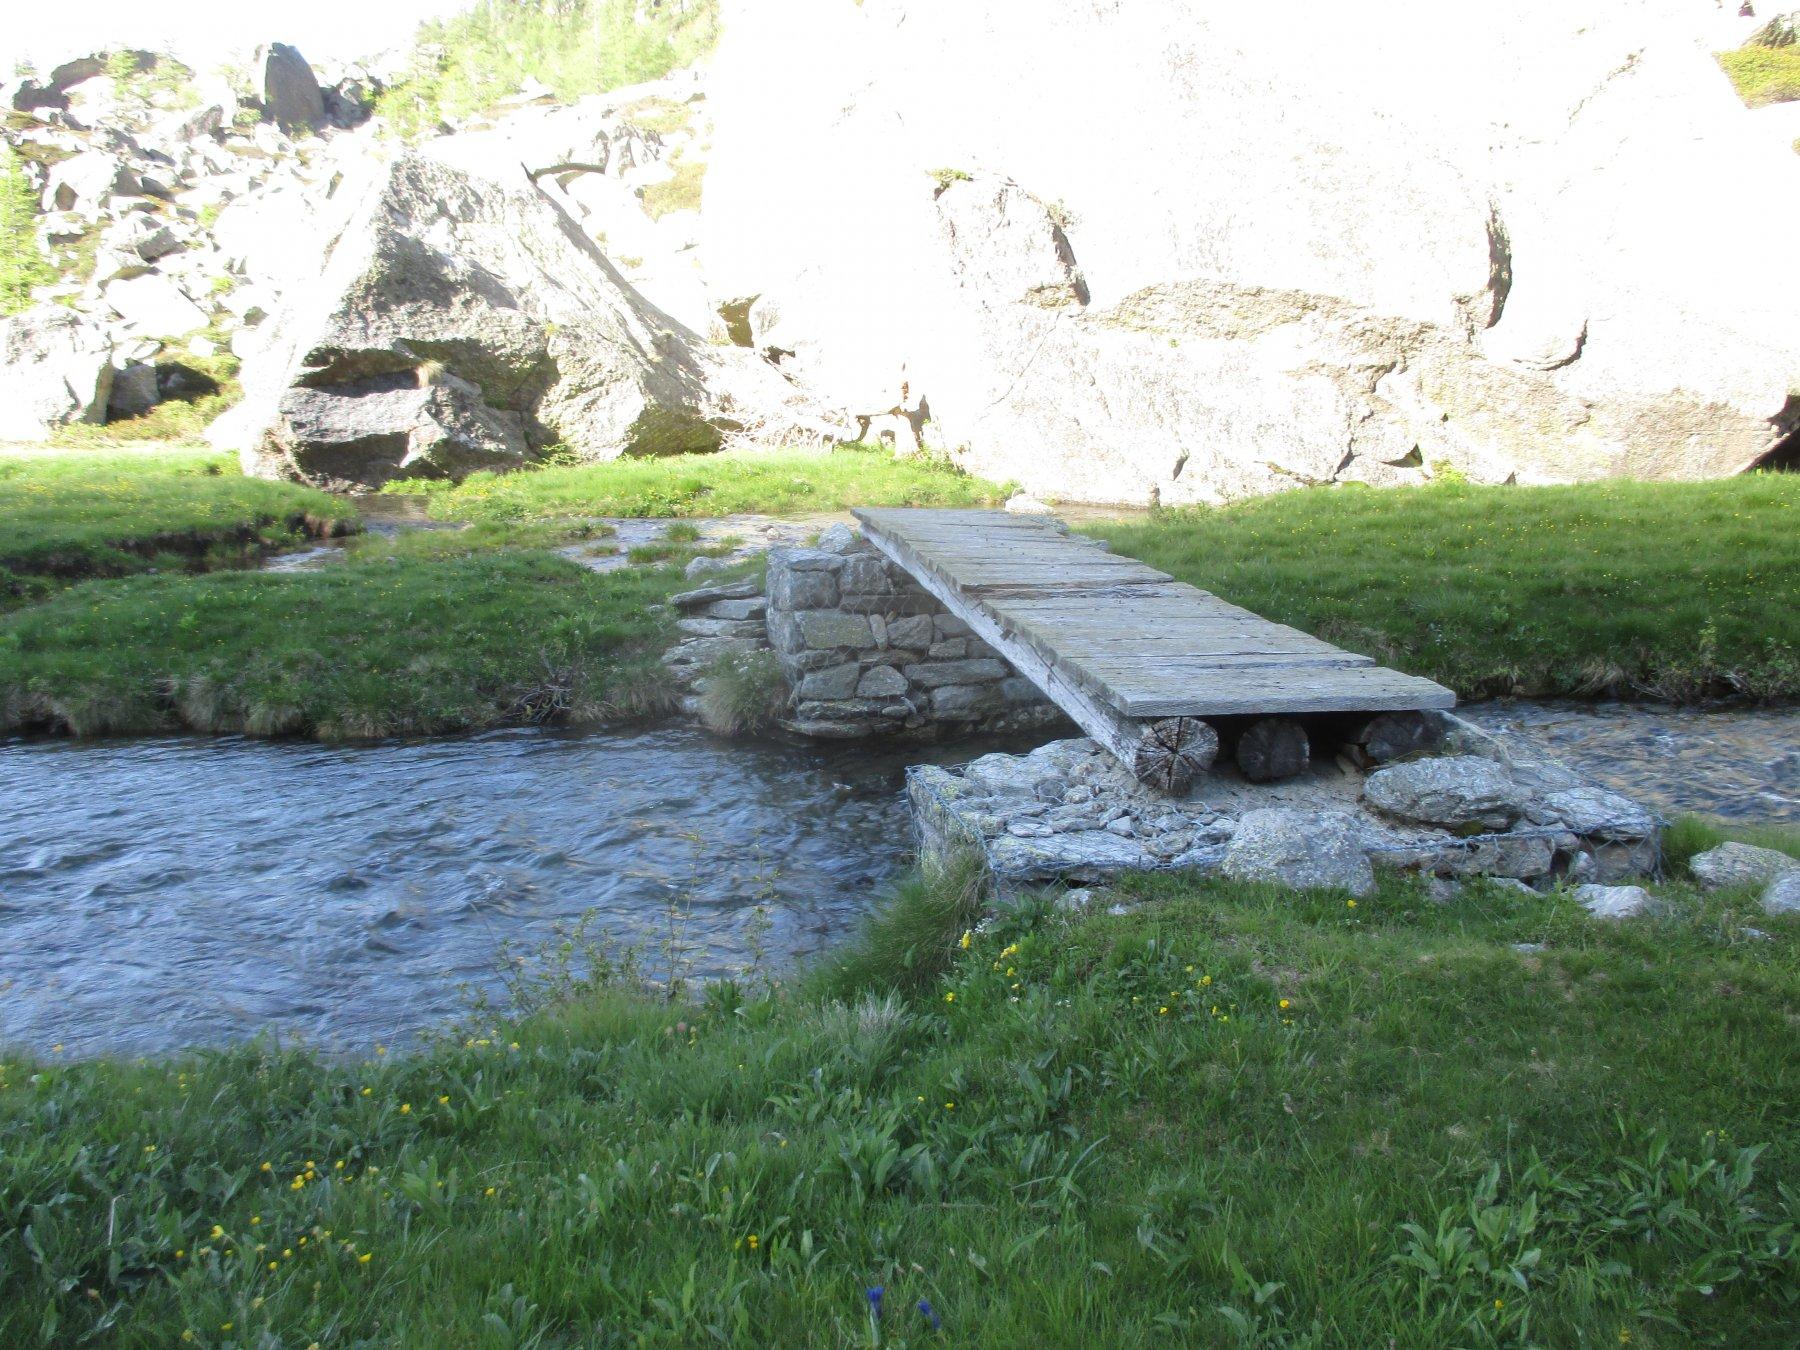 il ponticello utilizzato per attraversare il torrente